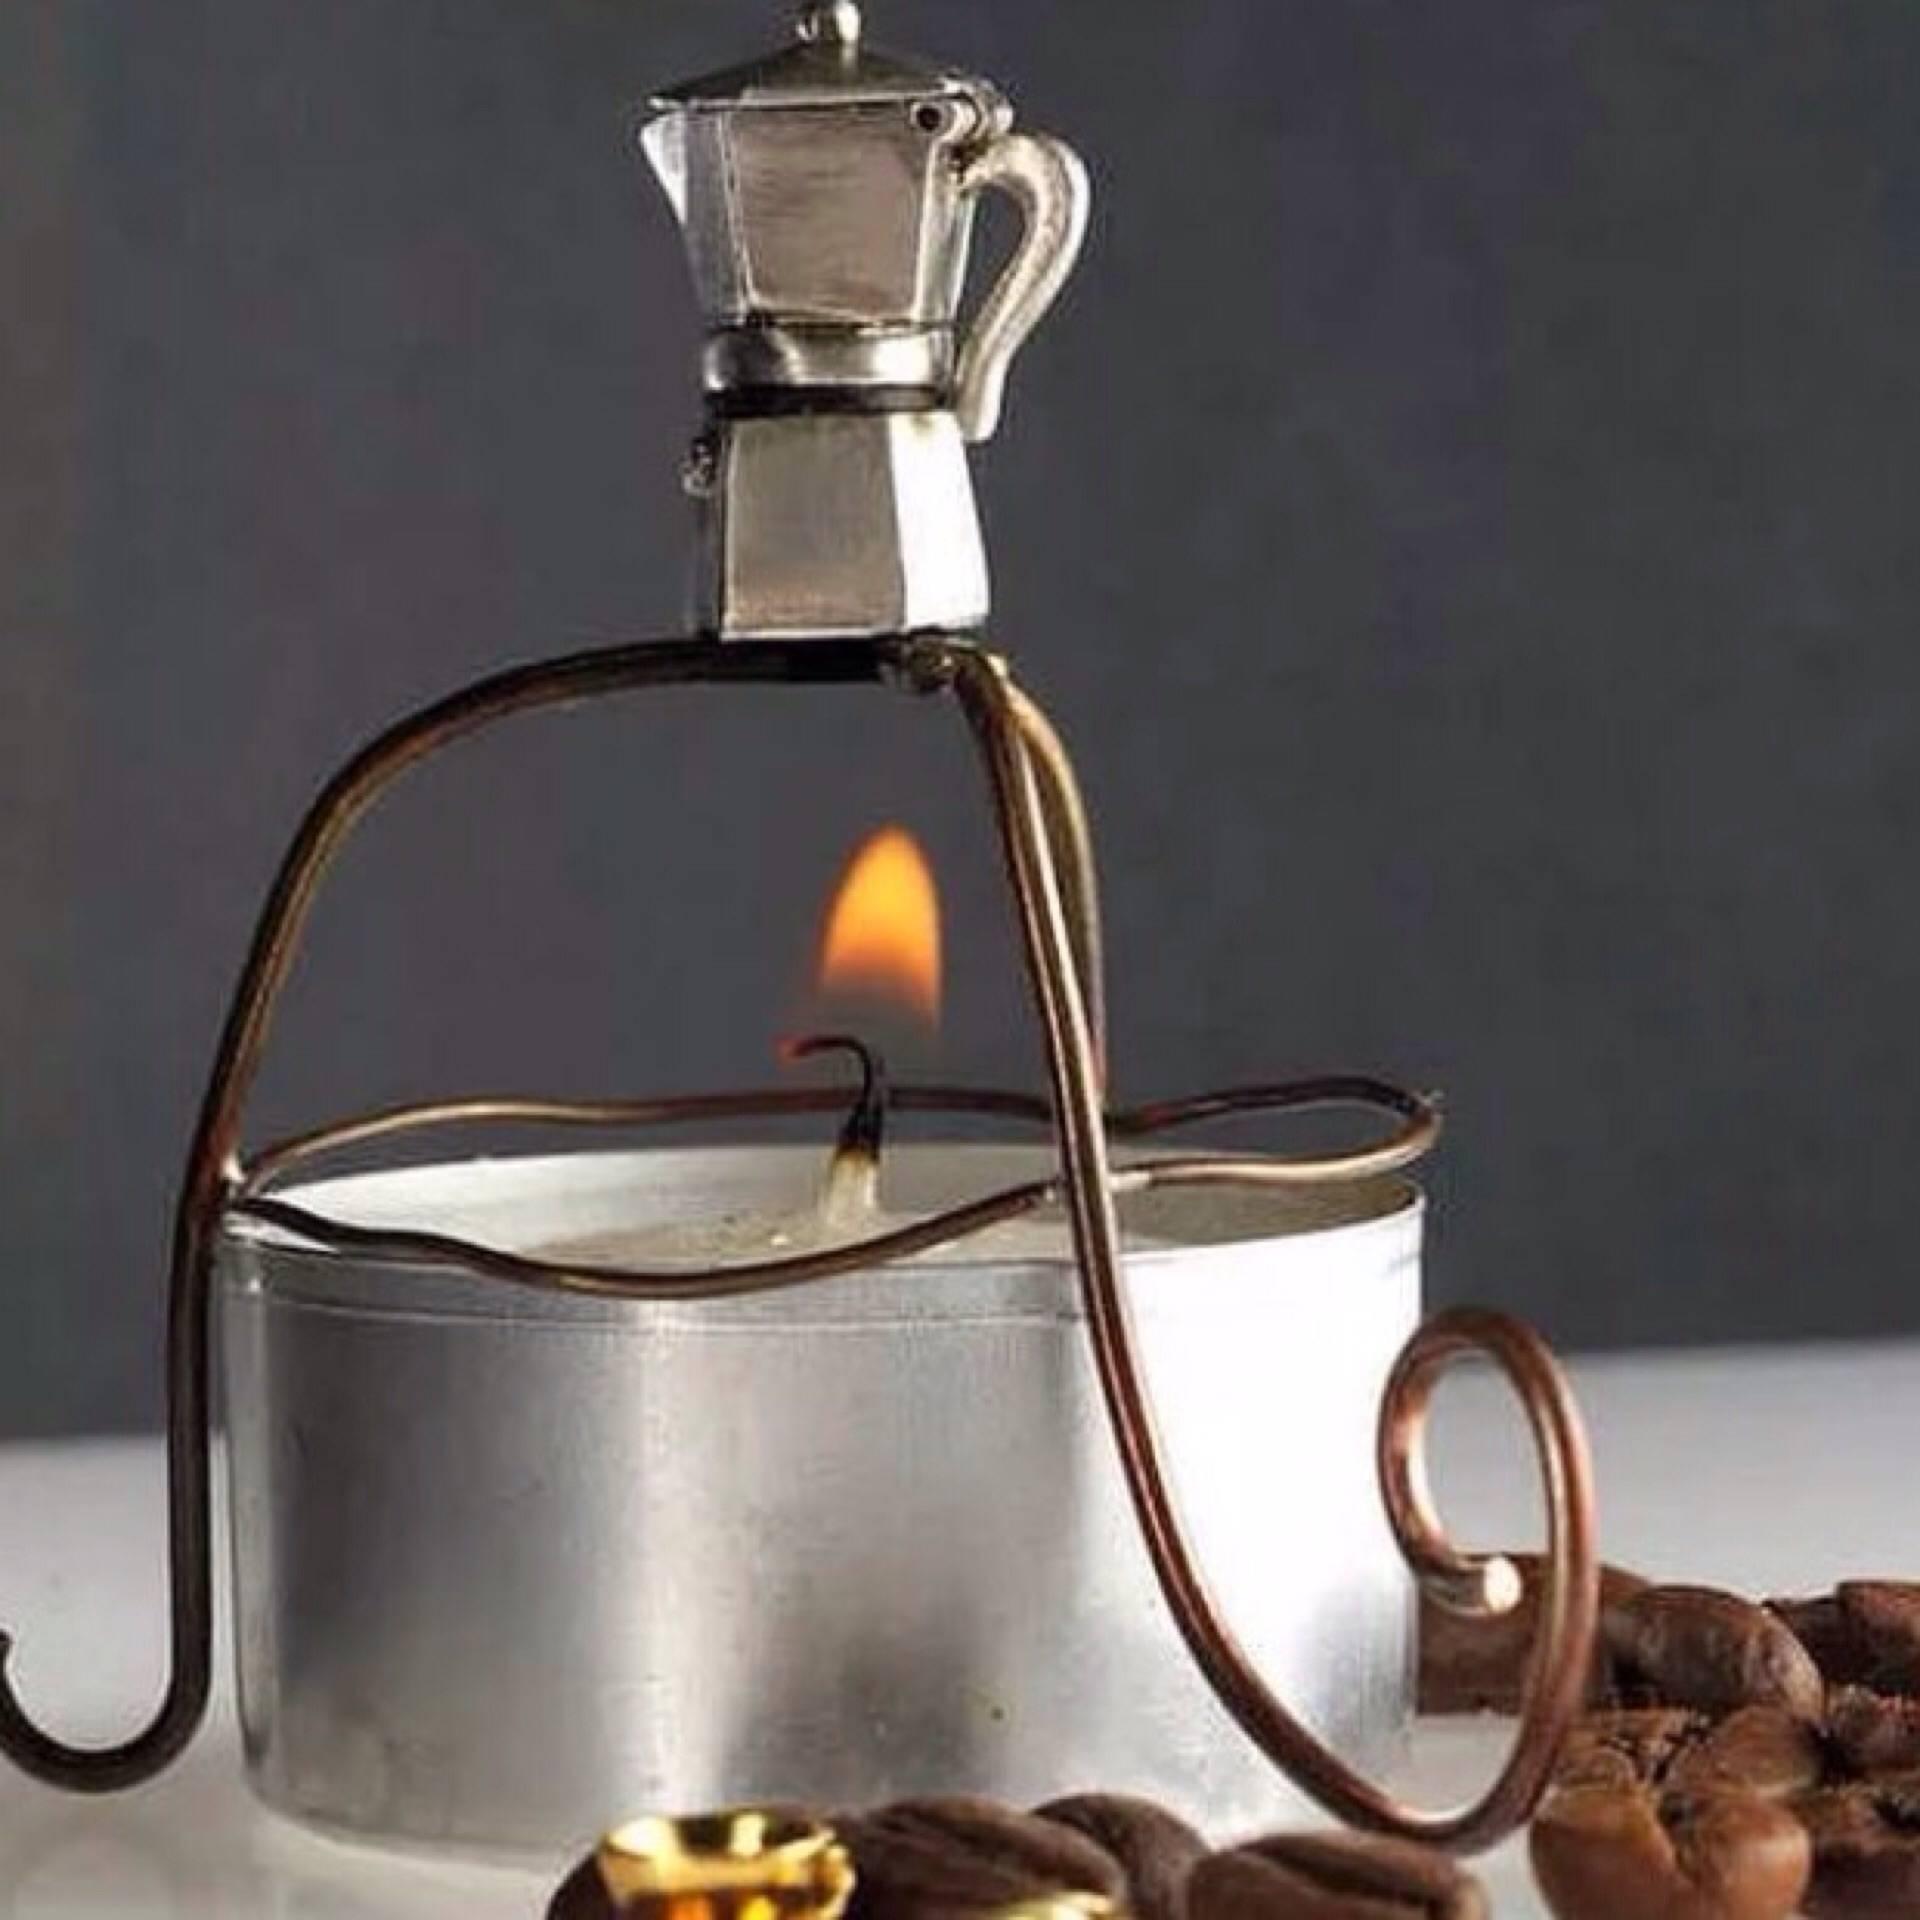 Кофейник для варки кофе на плите | все о кофе